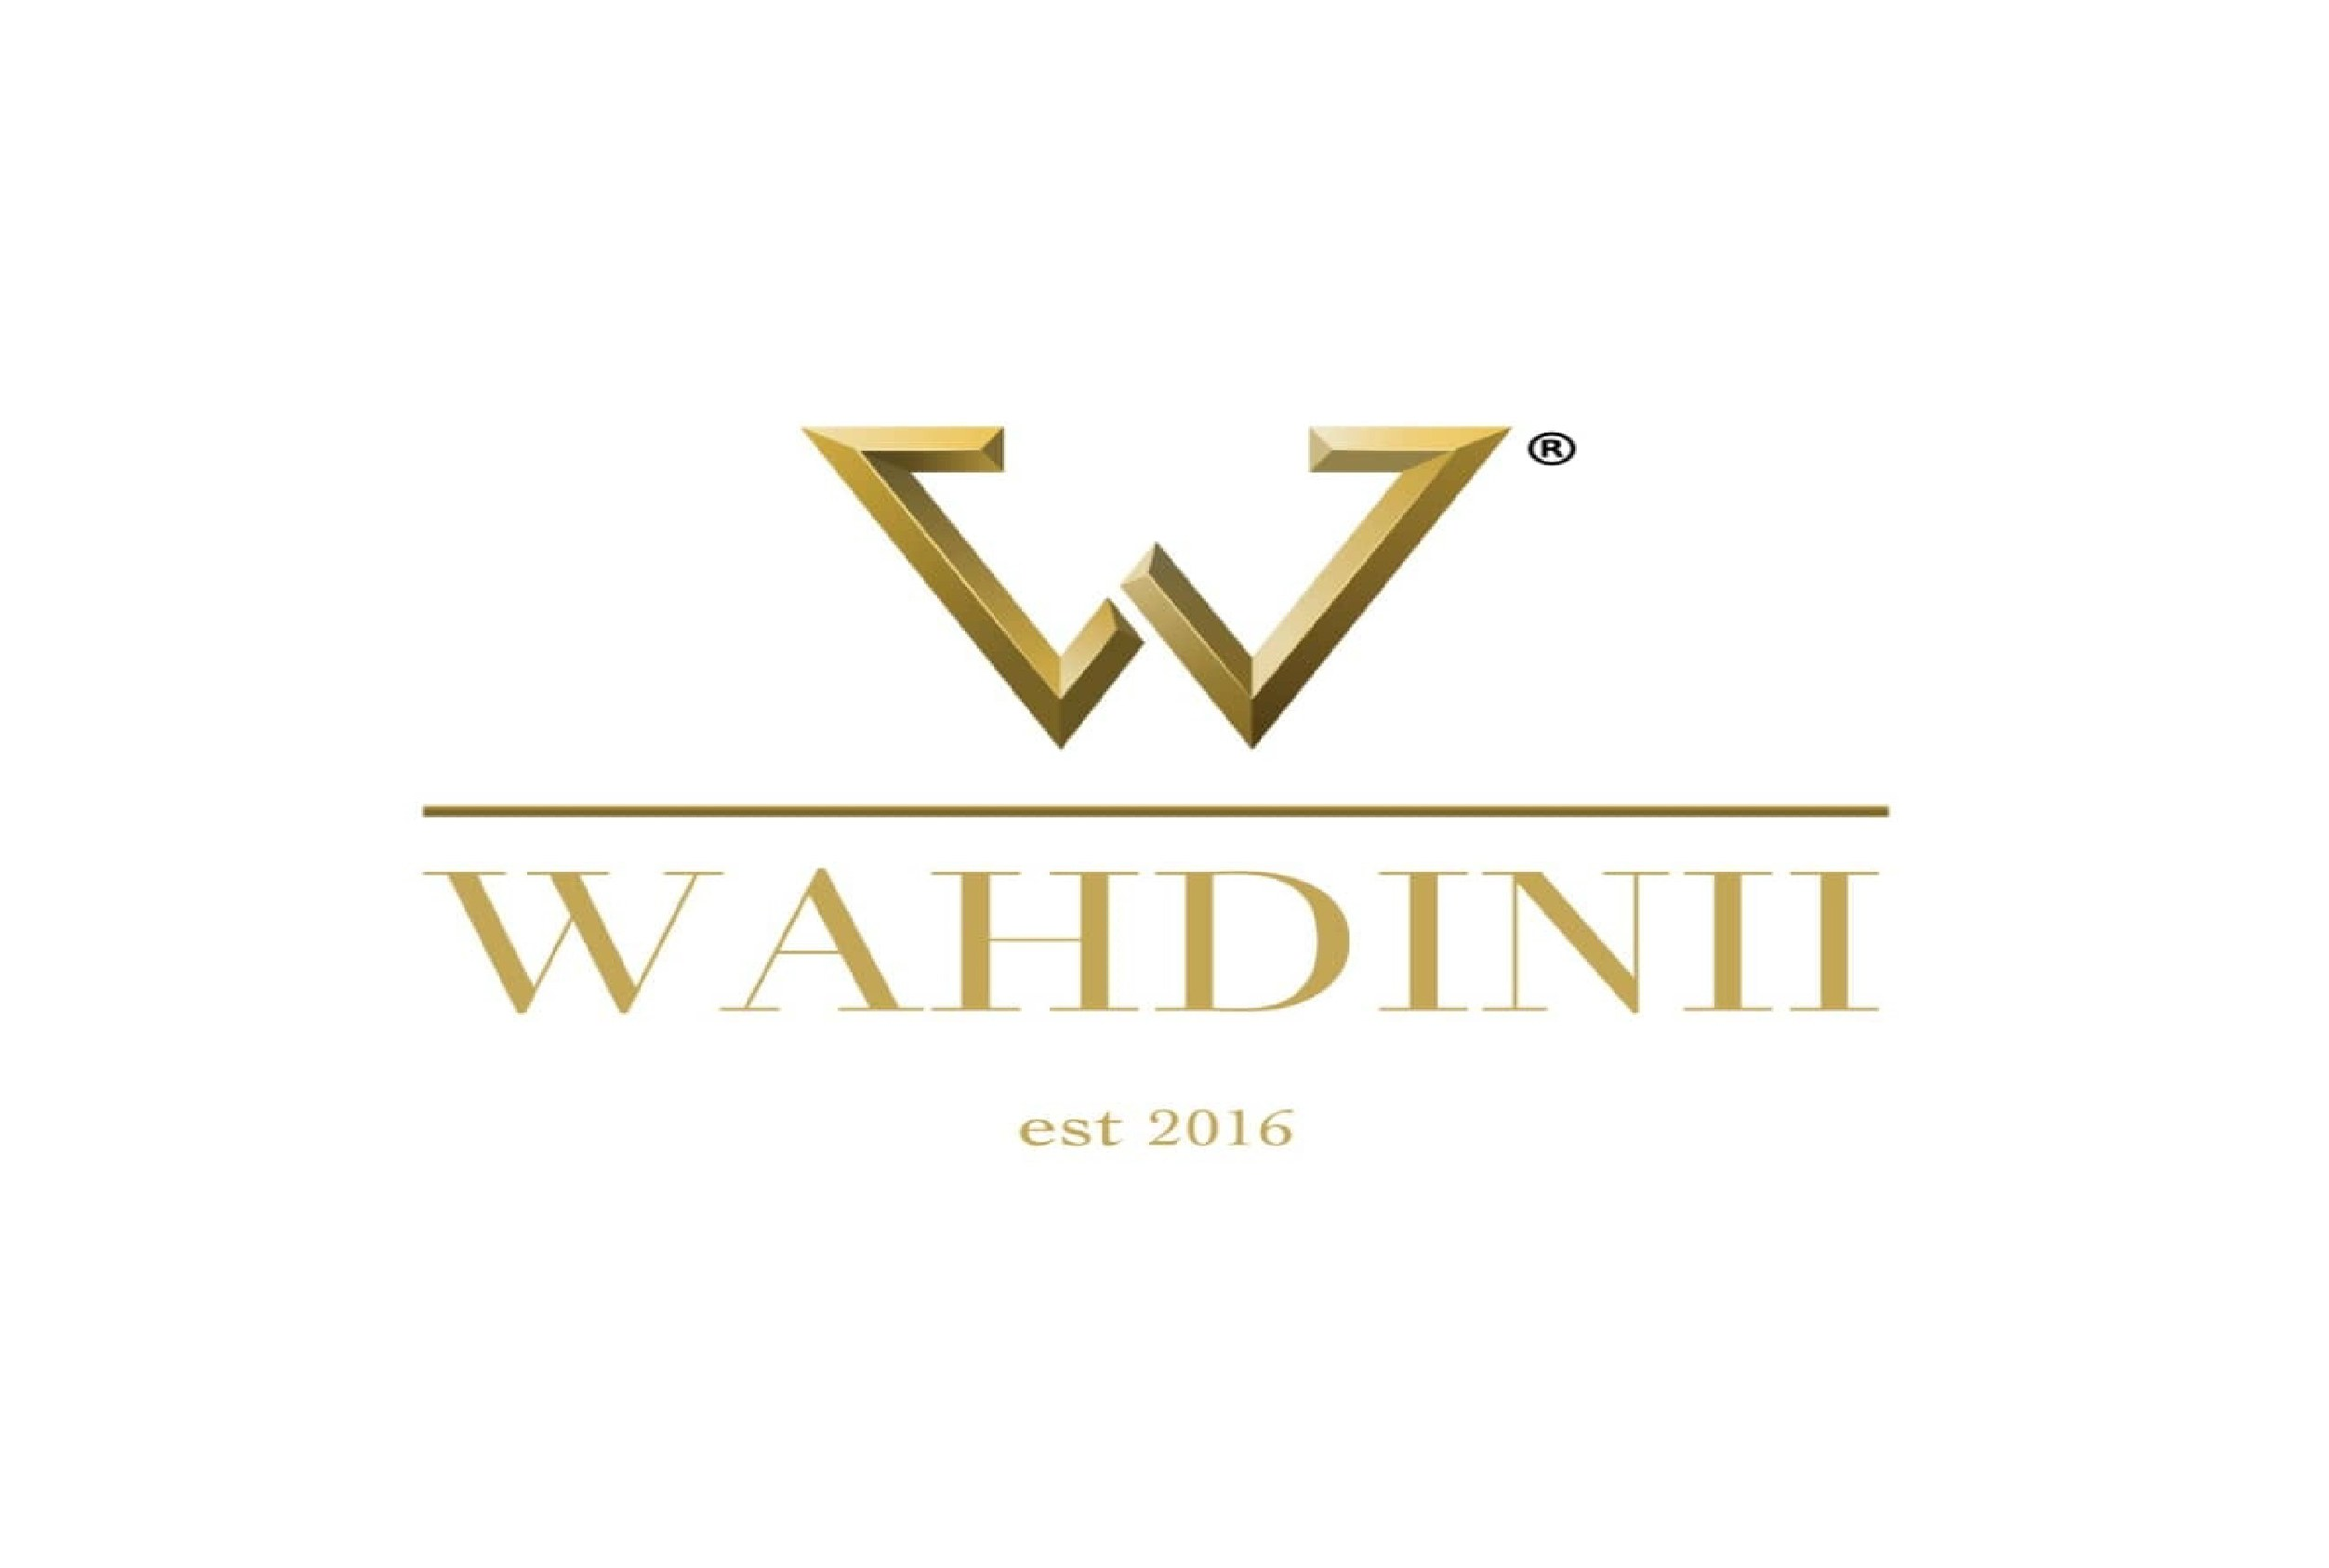 WAHDINII